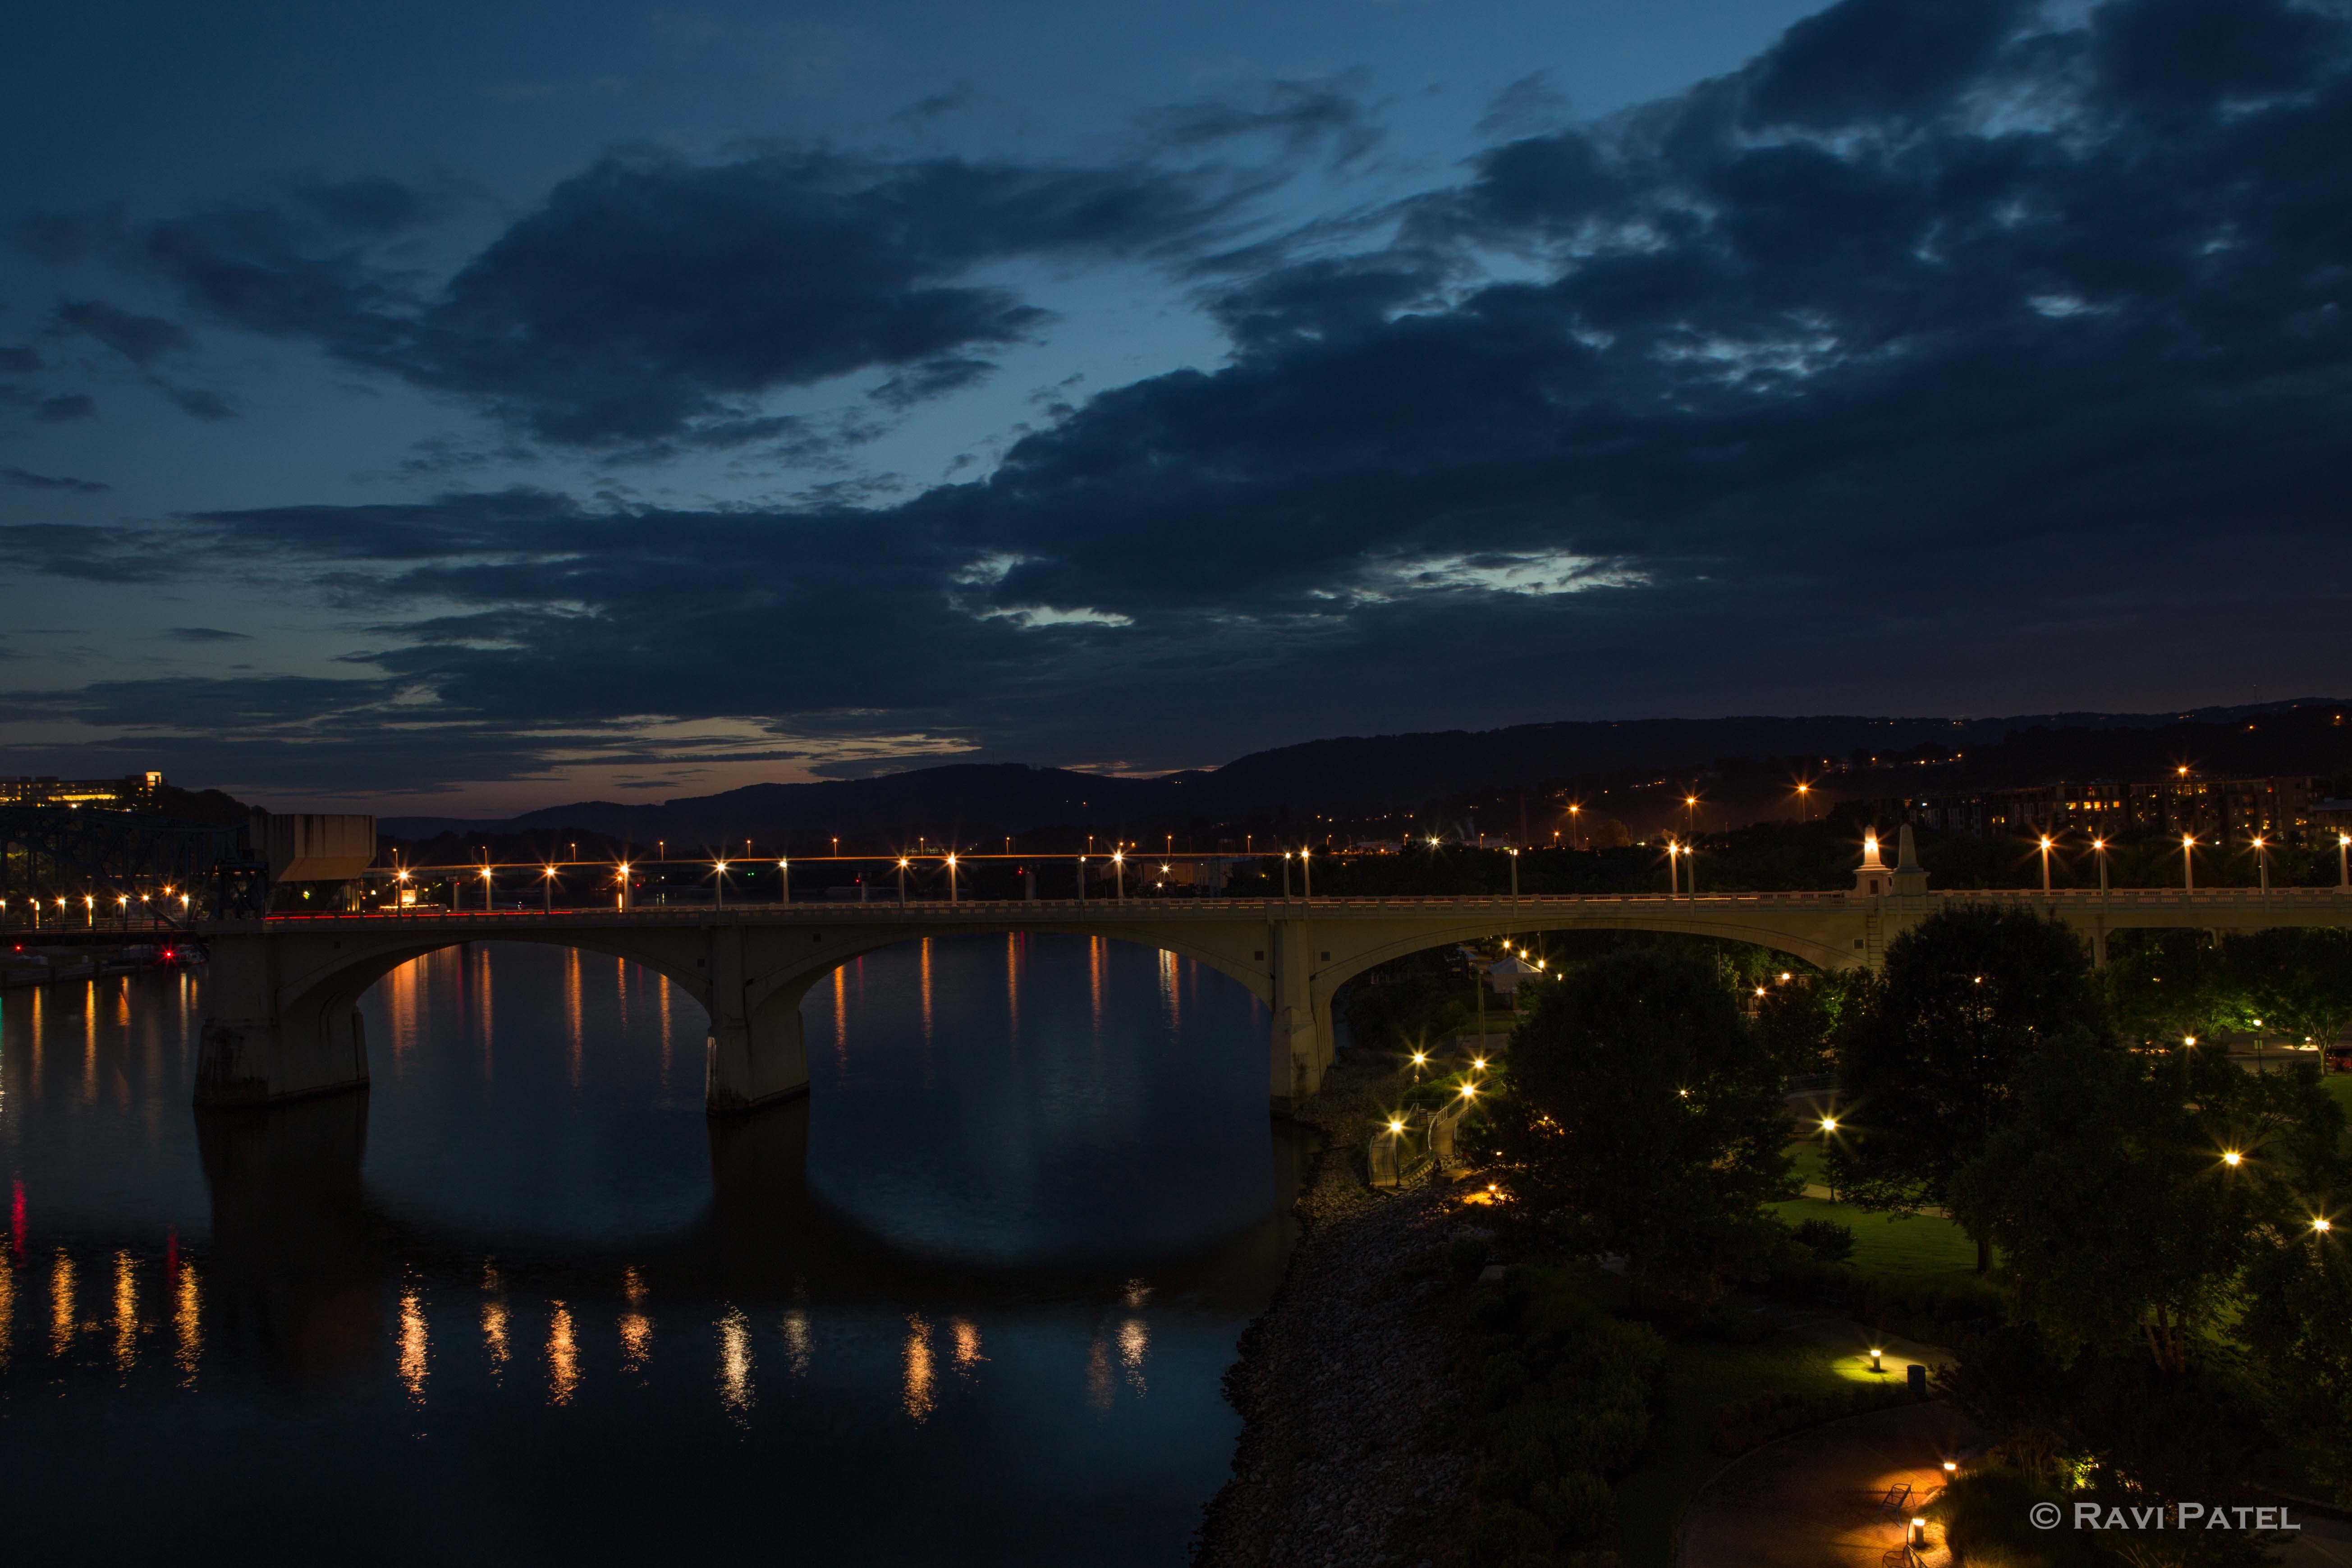 An Evening Glow | Photos by Ravi